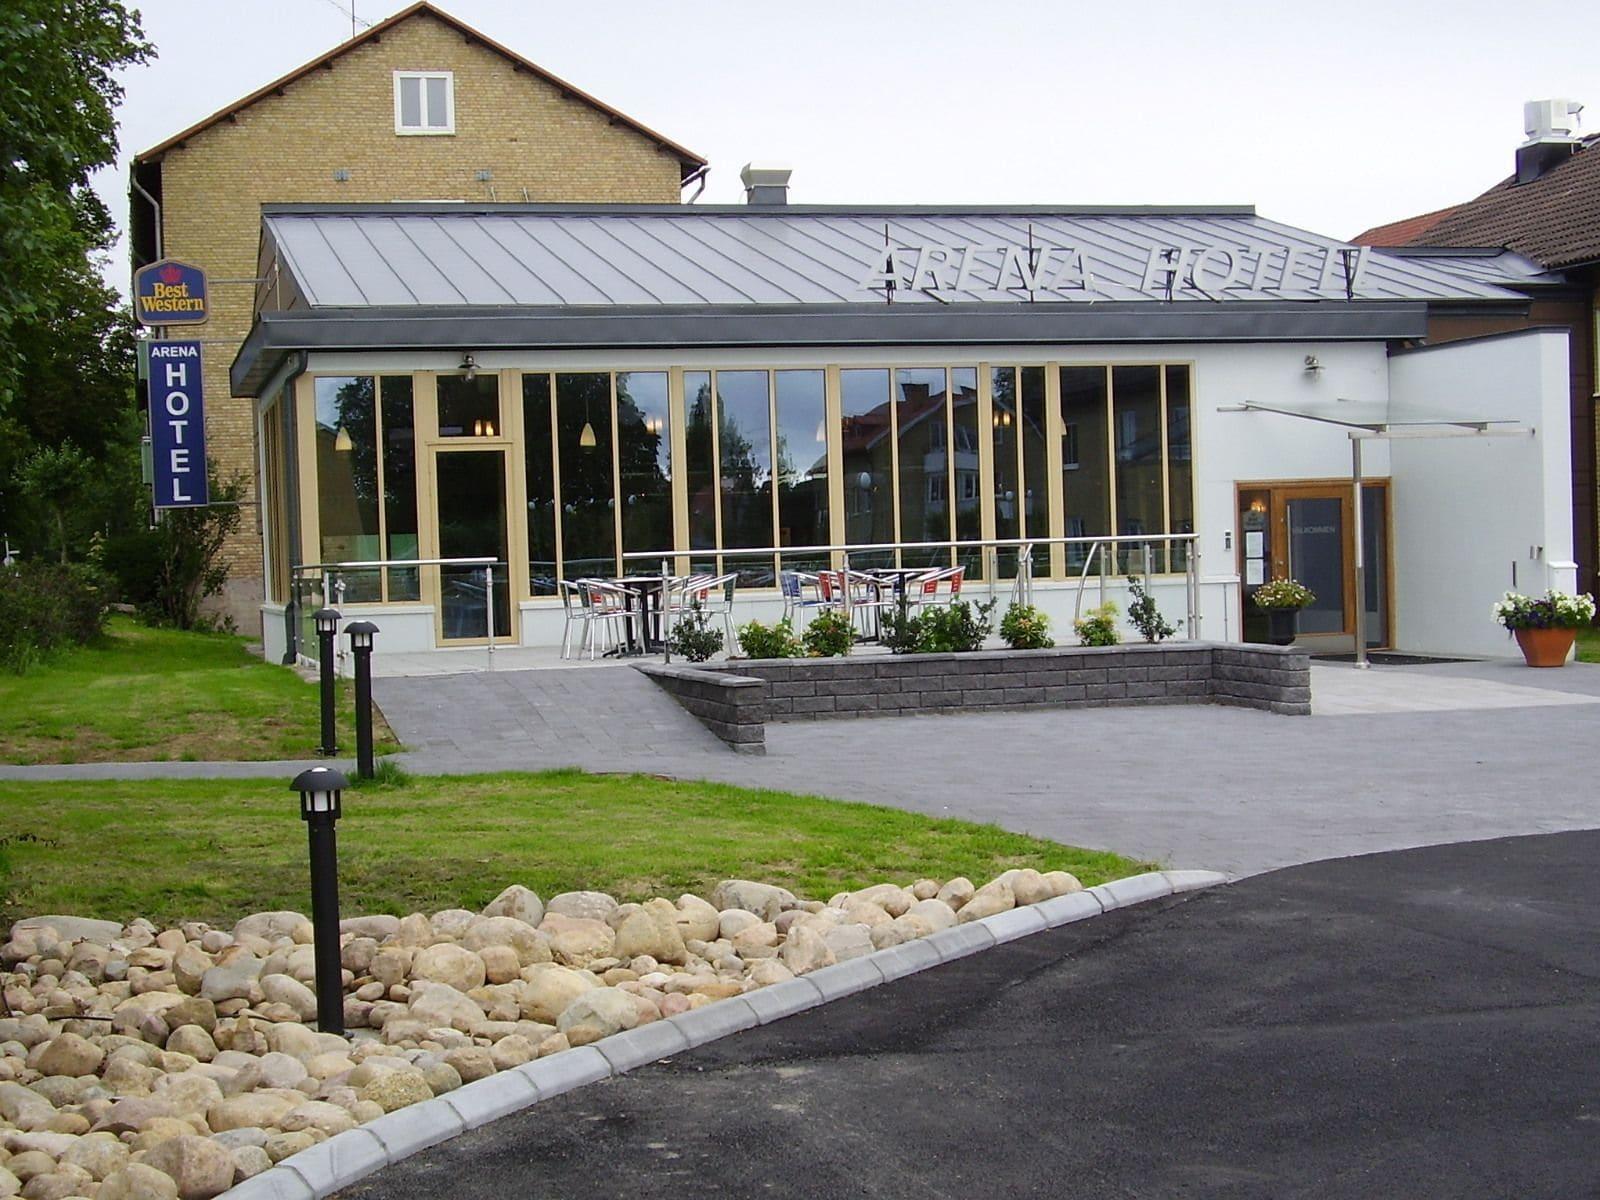 Best Western Arena Hotell, Vänersborg